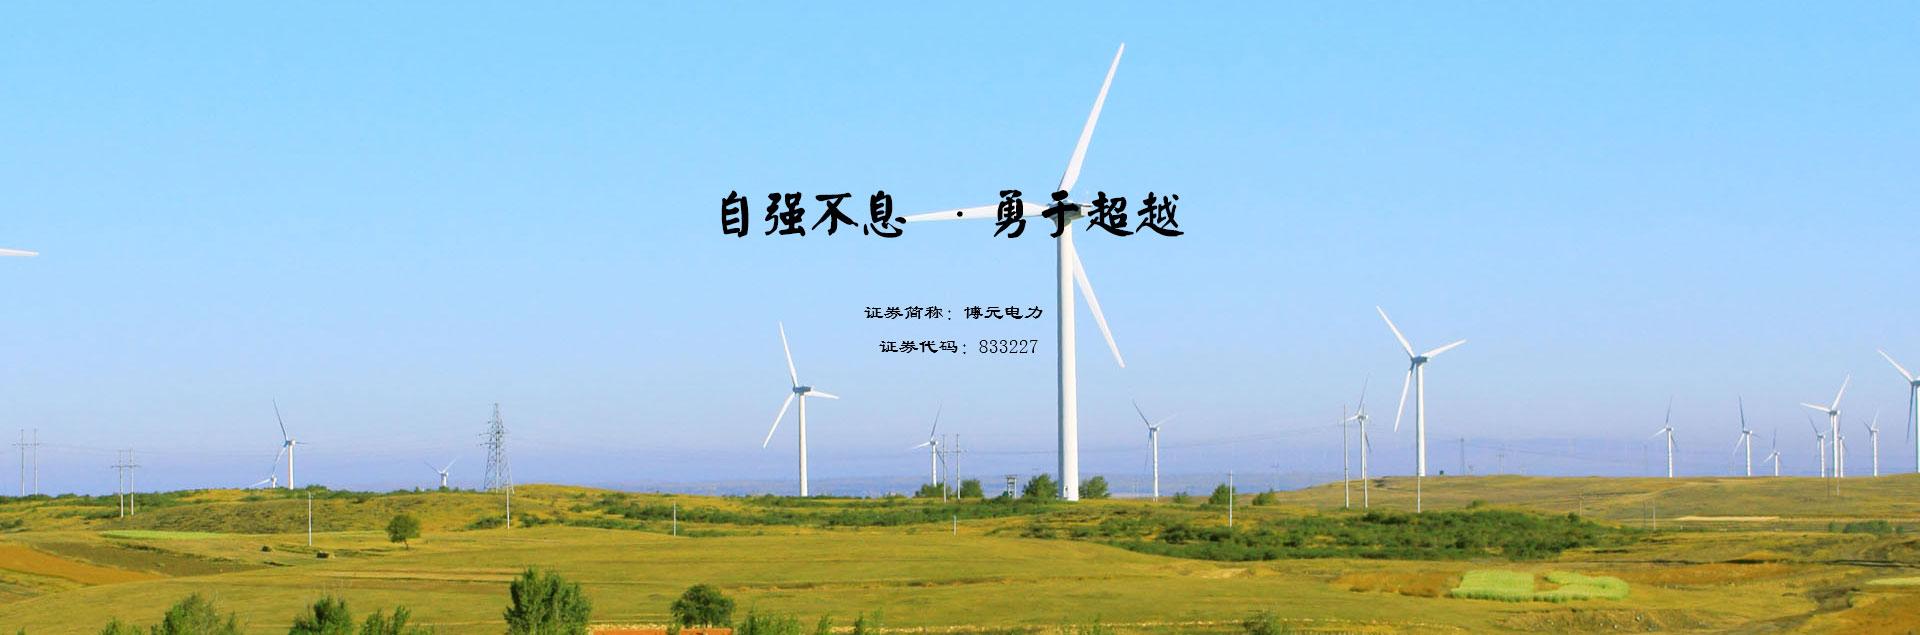 河南电力公司